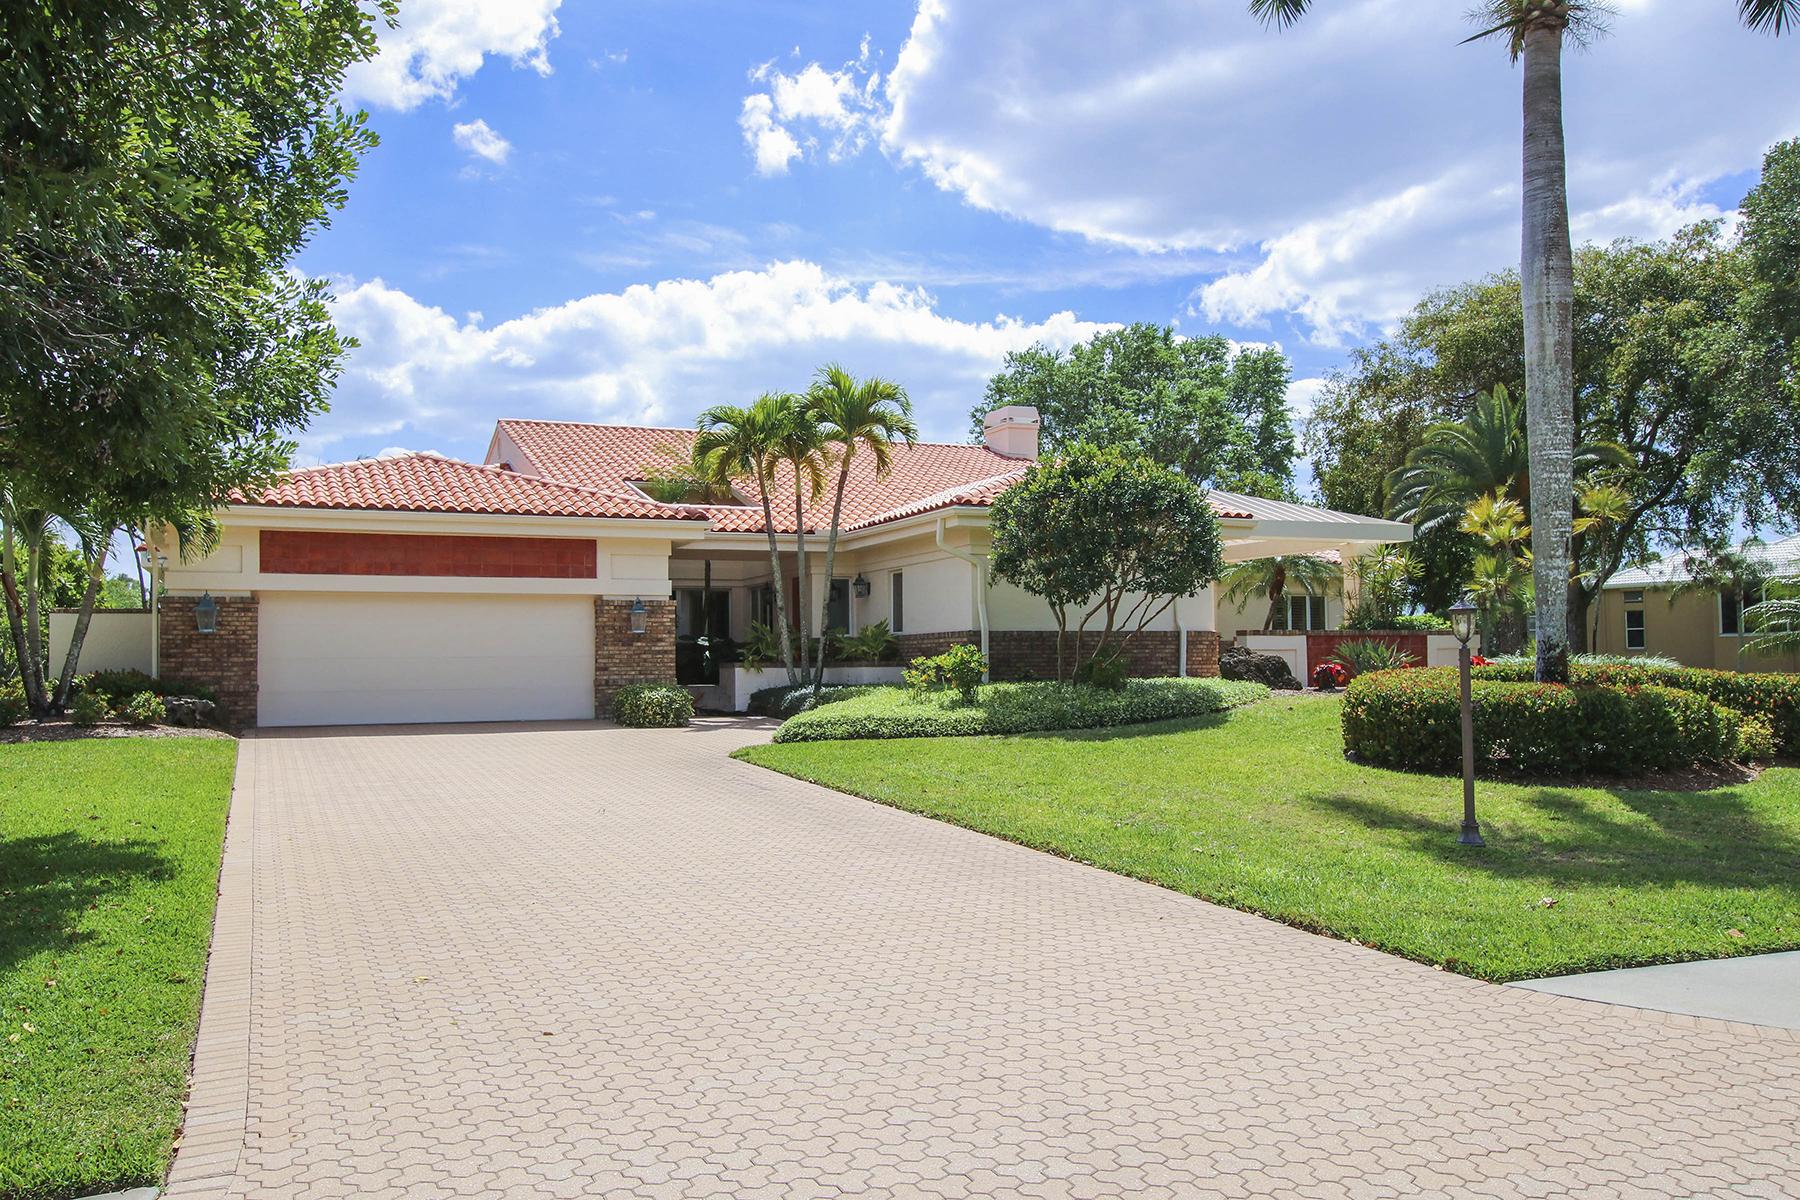 Casa Unifamiliar por un Venta en THE FOREST - OAKS 16031 Forest Oaks Dr Fort Myers, Florida, 33908 Estados Unidos